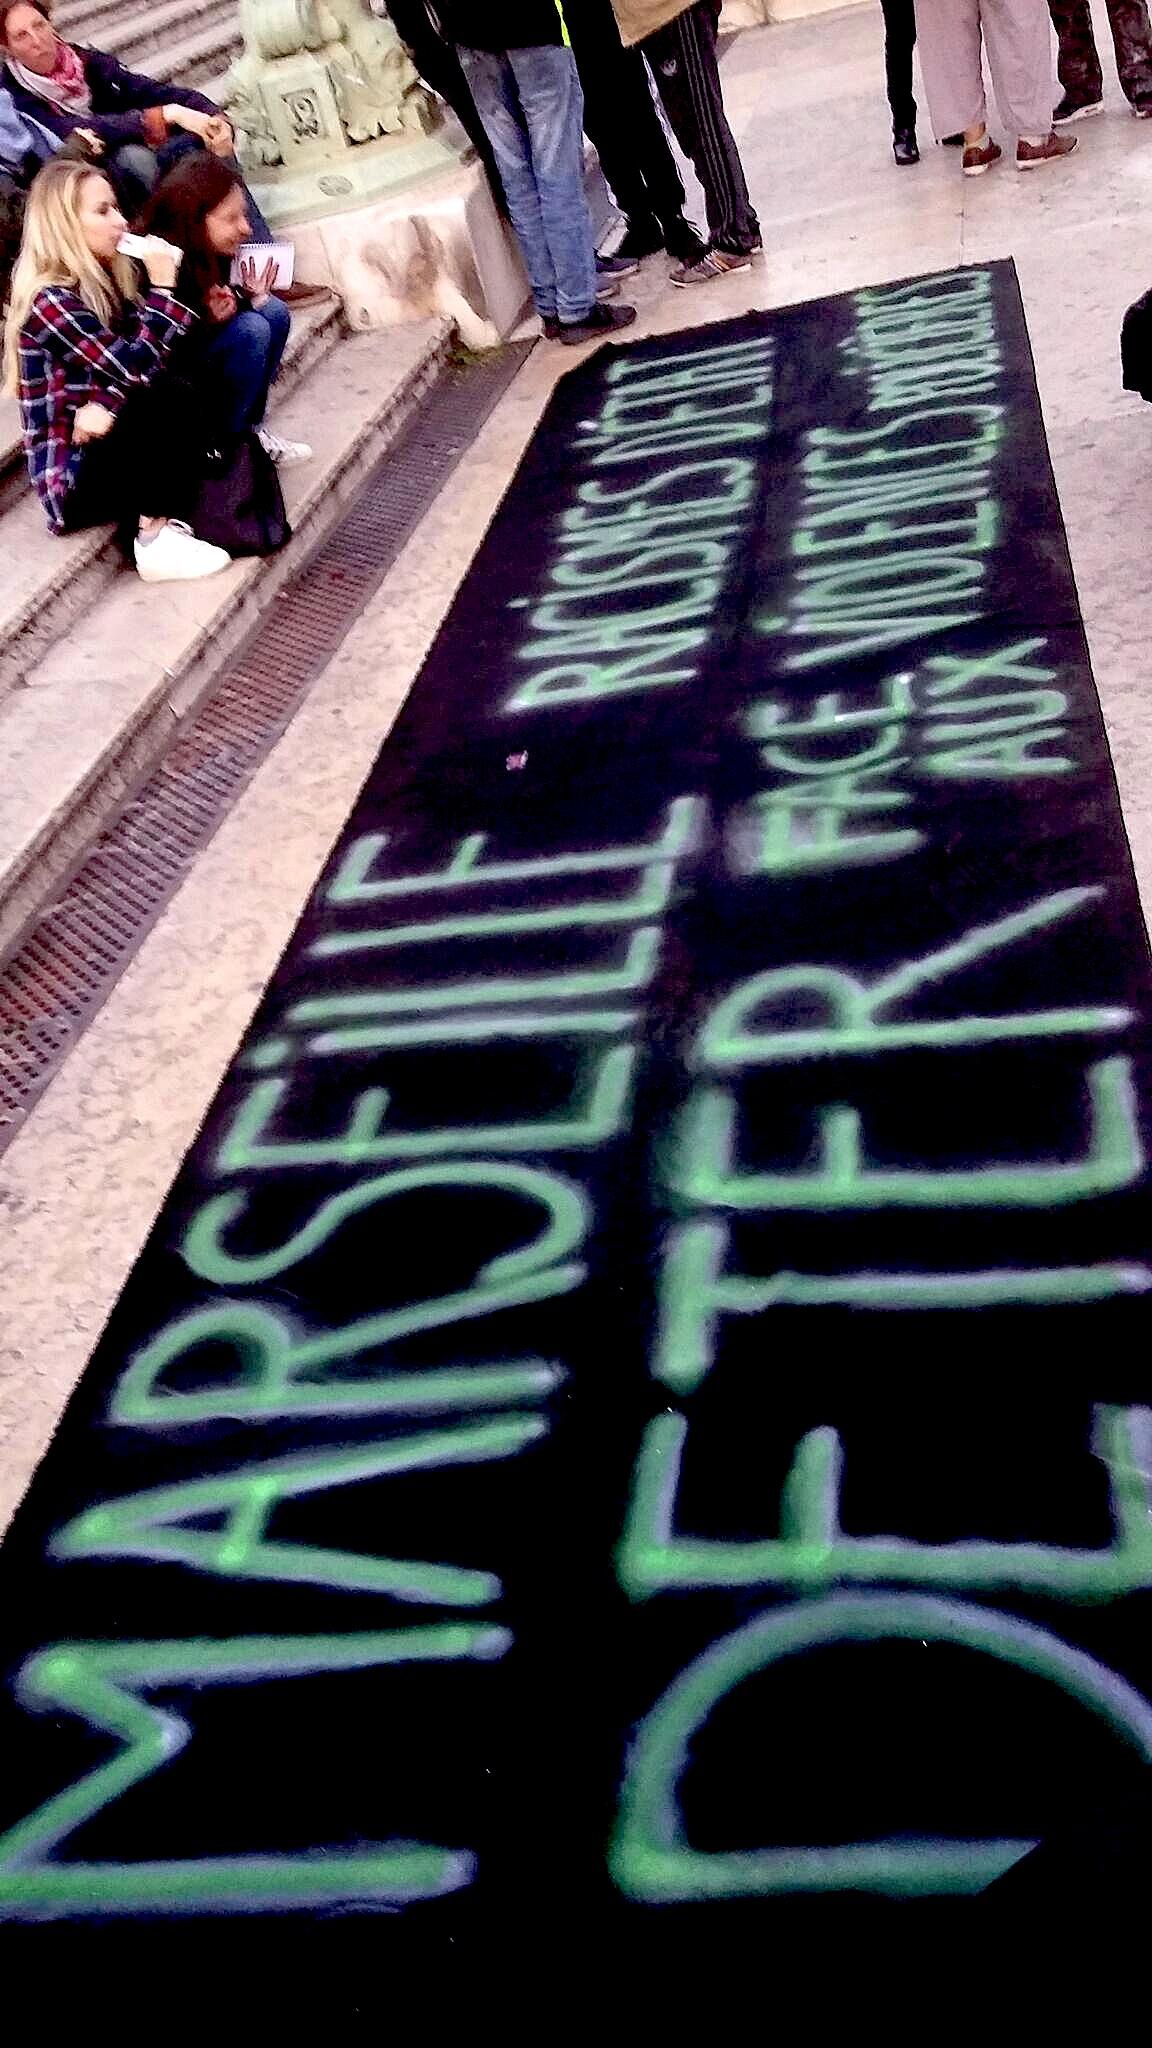 Marseille DETER face aux racismes d'Etat et violences policières Marche Marseille 17/03/2017